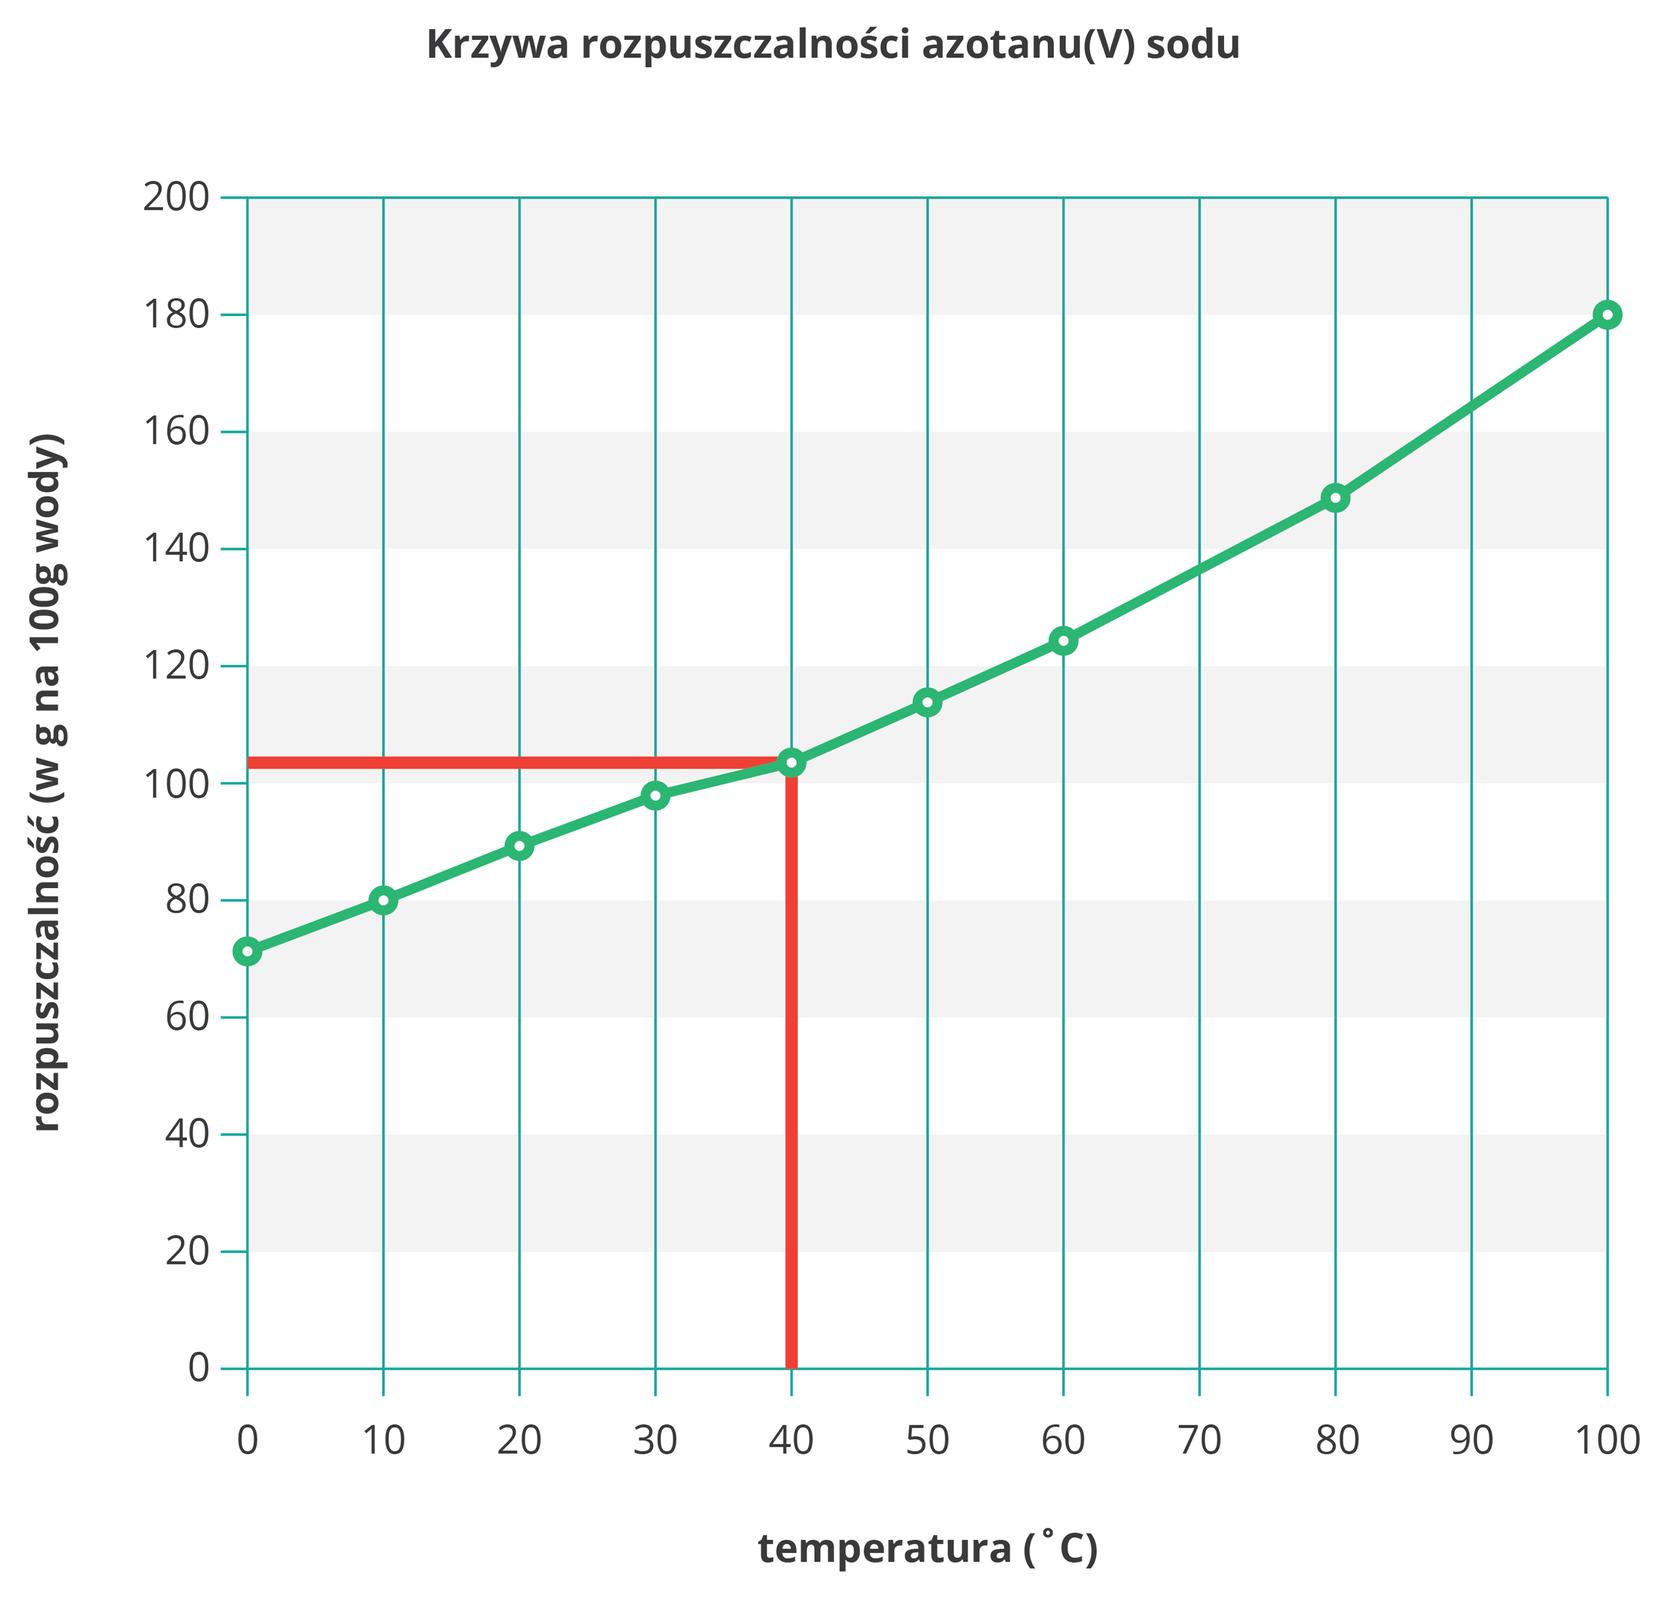 Ilustracja przedstawia wykres krzywej rozpuszczalności azotanu sodu wwodzie zwyróżnionym za pomocą dwóch czerwonych kresek, pionowej ipoziomej, rozpuszczalności dla czterdziestu stopni Celsjusza. Sama krzywa rozpoczyna się wwartości nieco powyżej siedemdziesięciu gramów na sto gramów wody dla temperatury zero stopni Celsjusza, akończy na około stu osiemdziesięciu gramach na sto gramów wody przy stu stopniach Celsjusza. Przyrost jest prawie jednostajny.